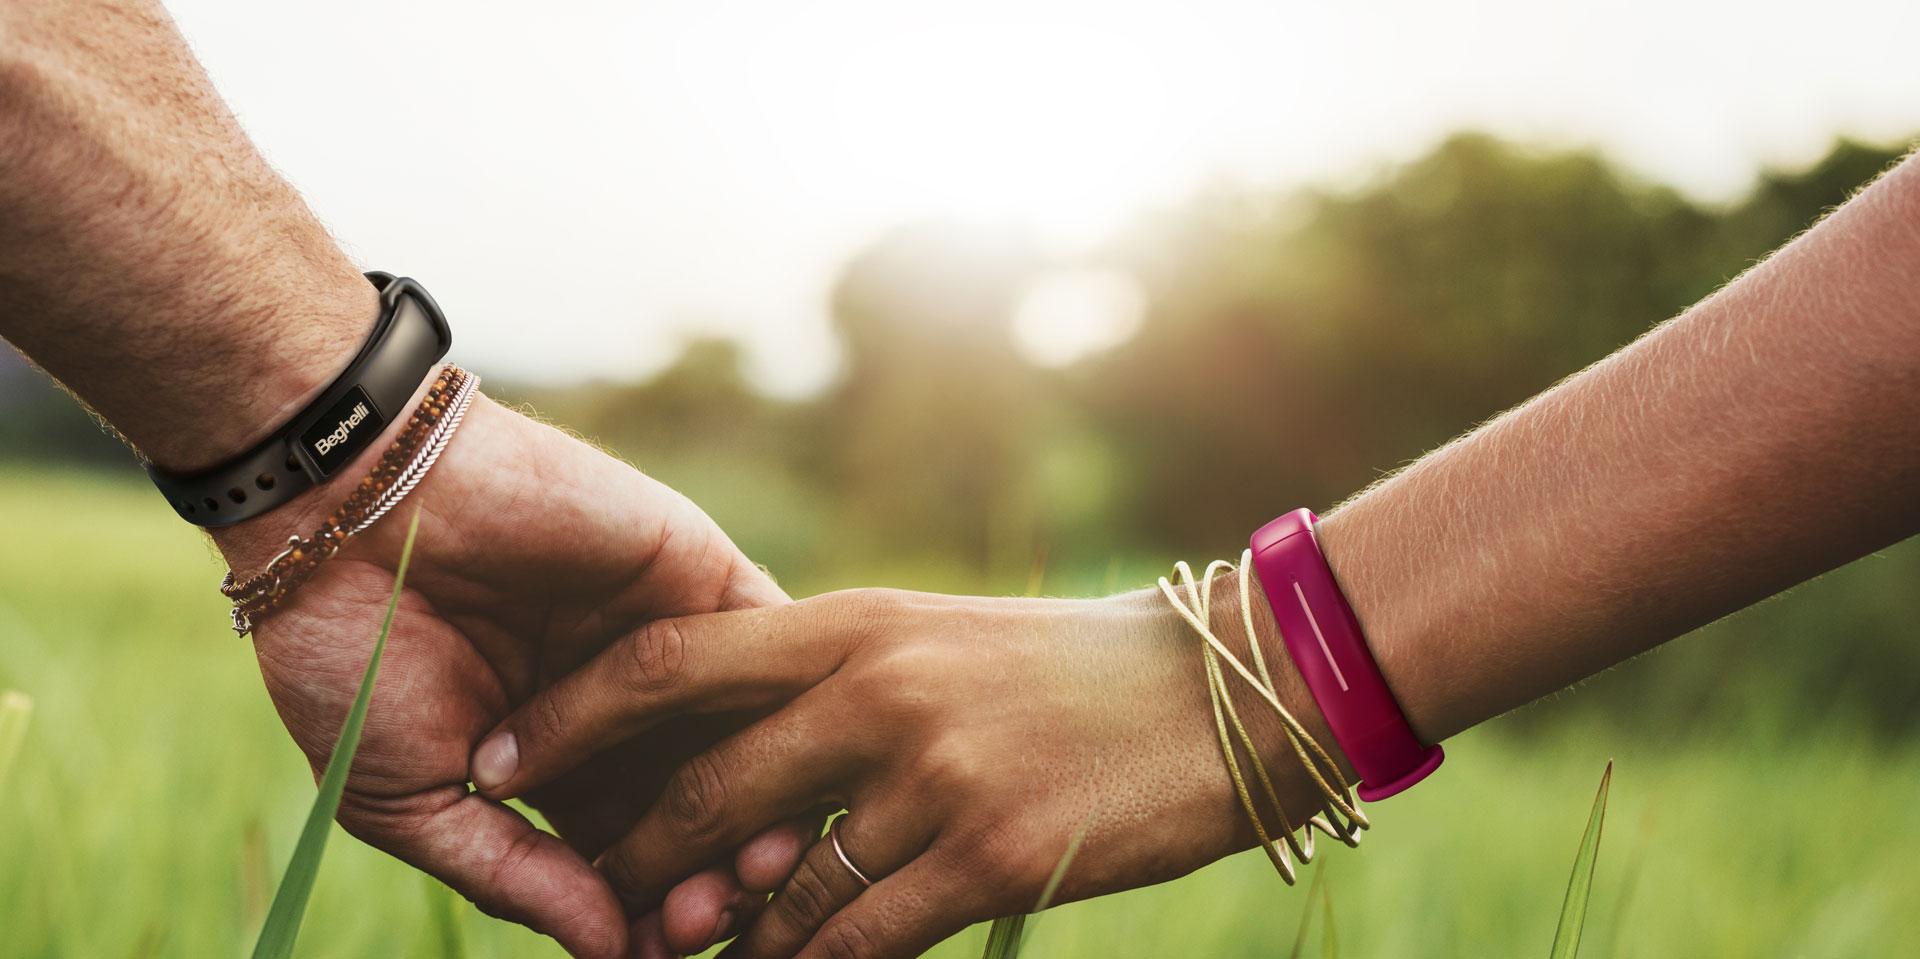 braccialetto beghelli